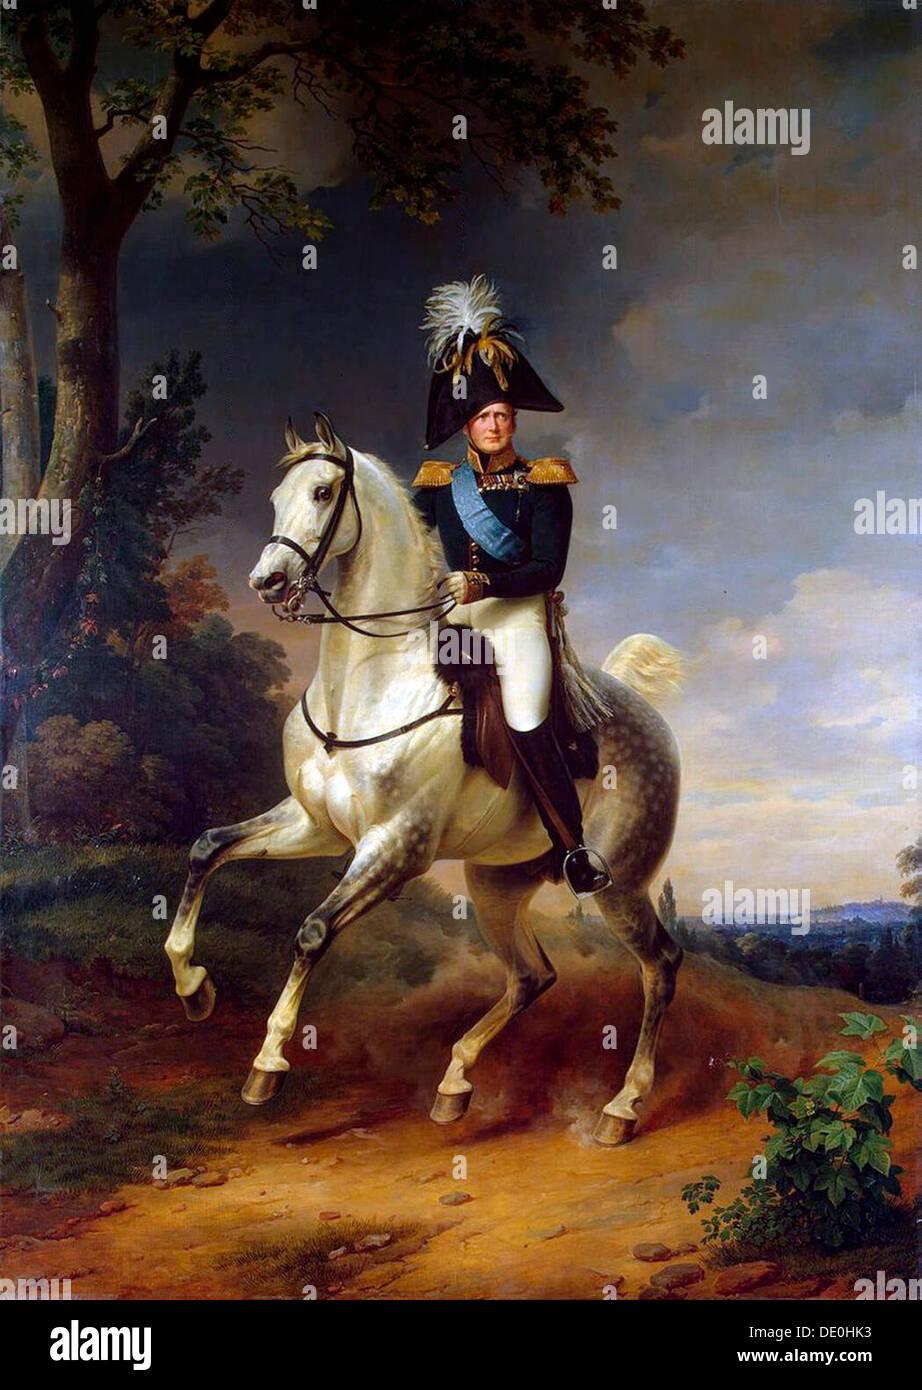 'Portrait équestre de l'empereur Alexandre I', (1777-1825), 1837. Artiste: Franz Kruguer Photo Stock